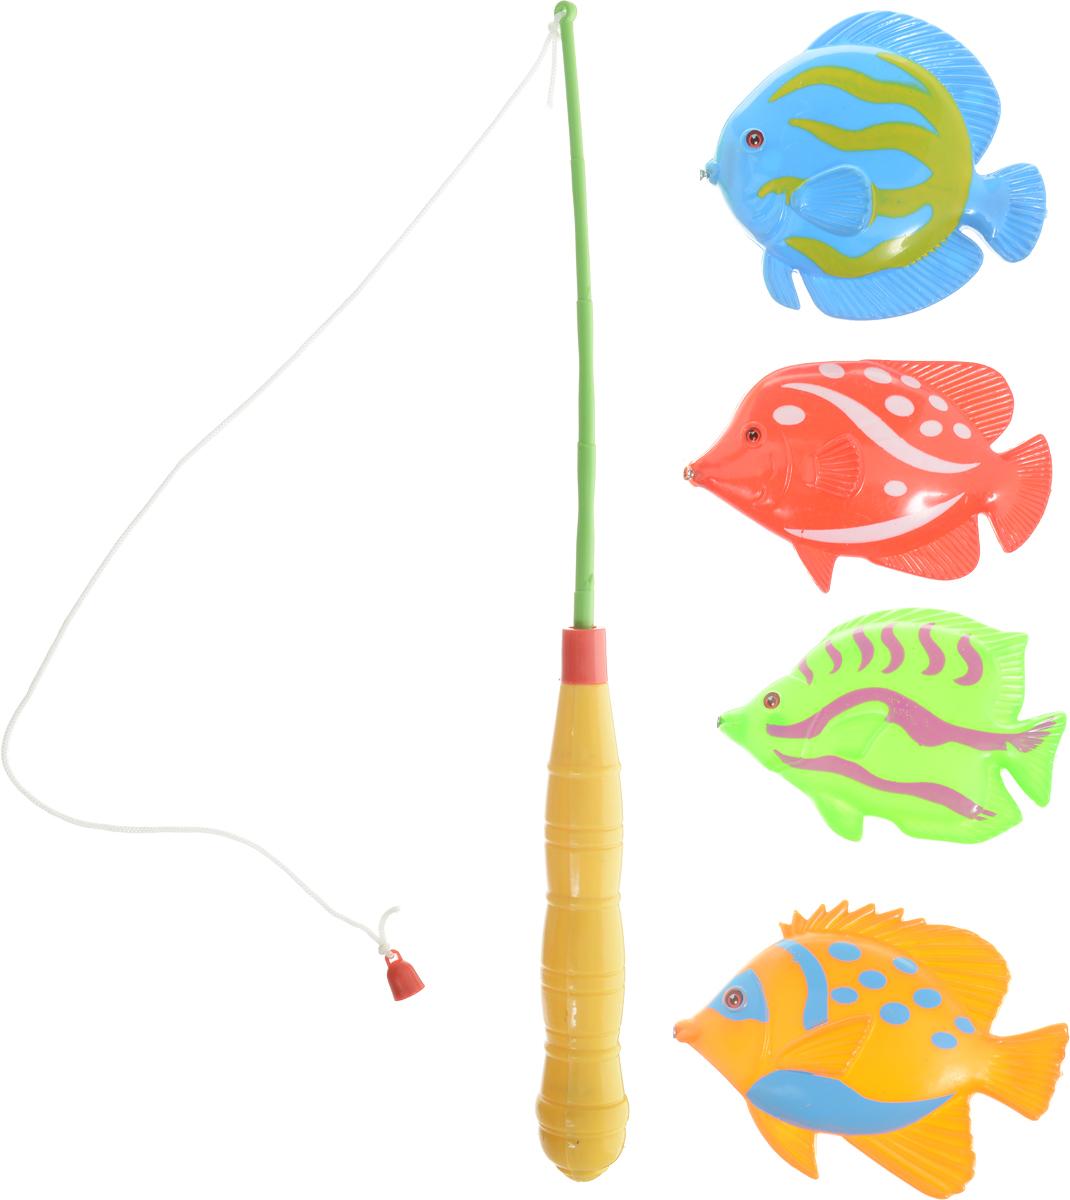 Играем вместе Игрушка для ванной Рыбалка Маша и МедведьB526466-R2Игрушка для ванной Играем вместе Рыбалка. Маша и Медведь - вот это настоящая забава. Половить рыбку вместе с любимыми героями! Теперь процесс купания станет для ребенка еще интереснее: ведь он с Машей и Медведем из полюбившегося всем мультфильма едет на рыбалку. В комплекте вы найдете одну удочку и четыре разноцветных рыбки. Игра отлично подходит для развития мелкой моторики.